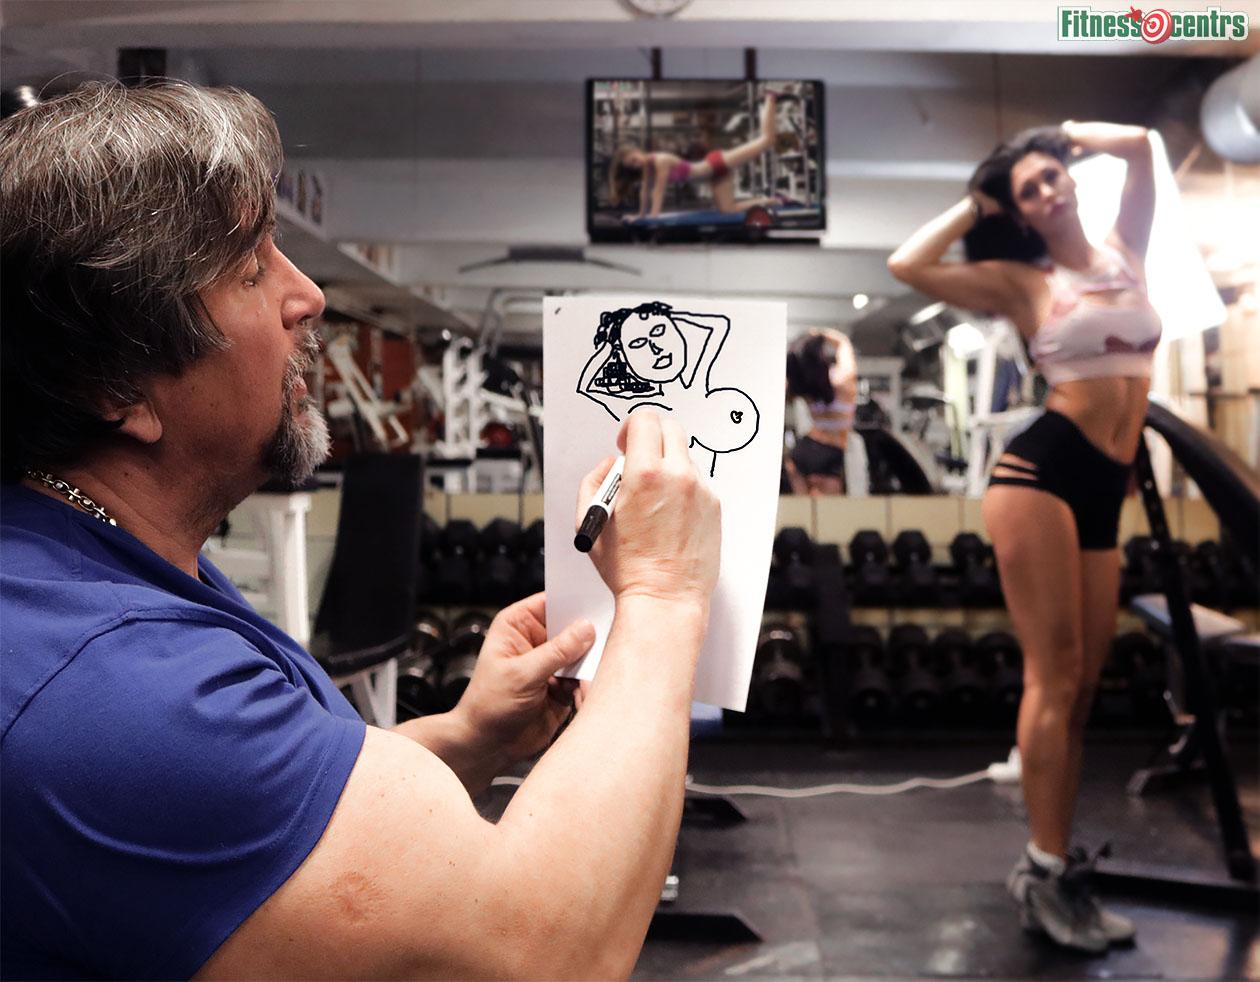 http://img.fitnes.lv/2/humour_fitness_2728188.jpg